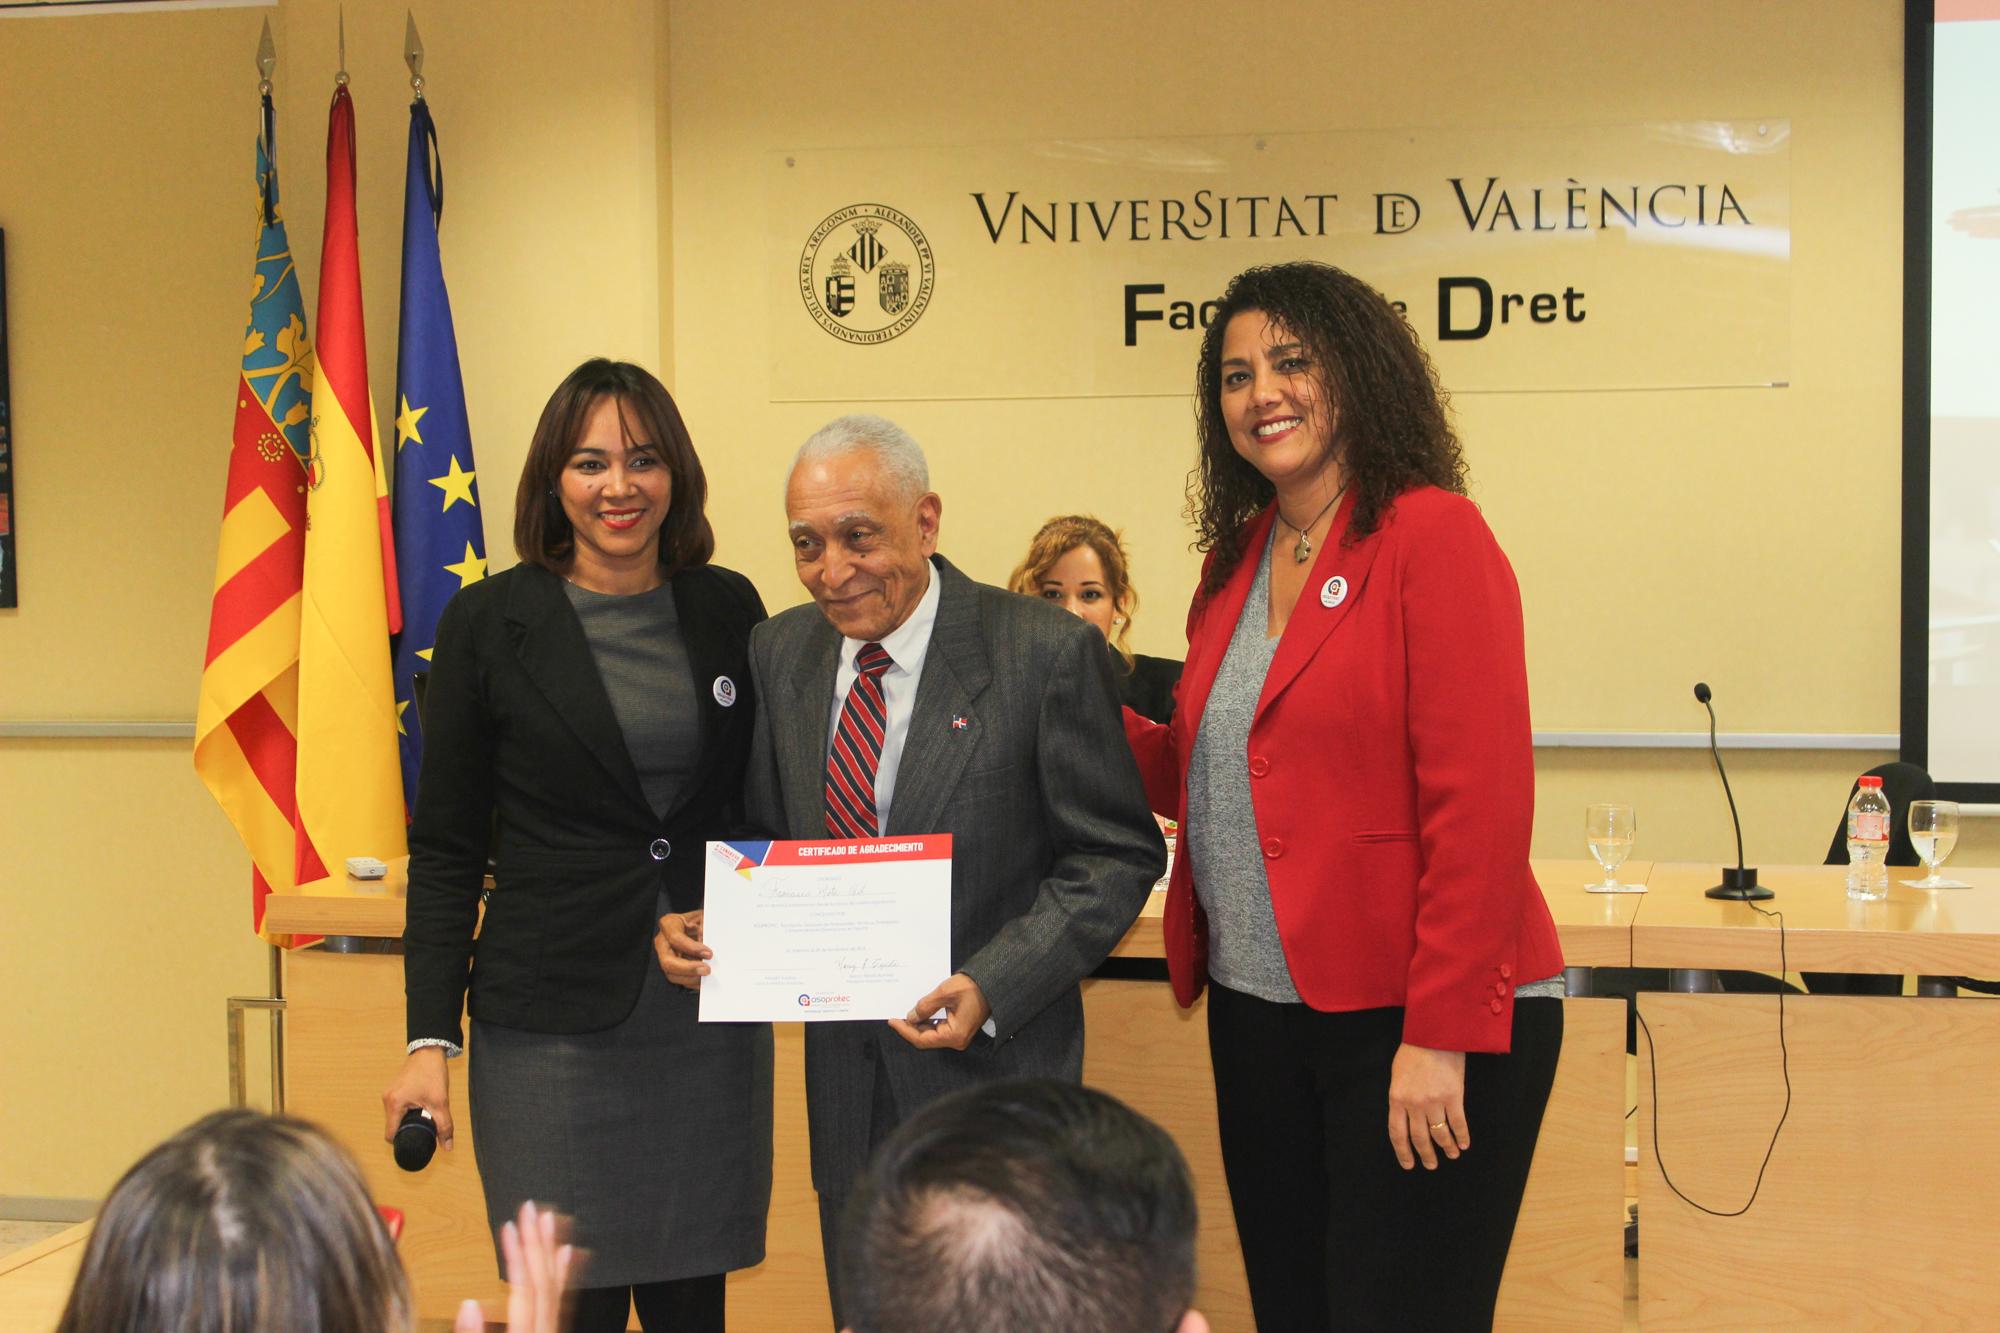 Asoprotec hace entrega de reconocimiento a Francisco Mota, encargado de relaciones con la prensa y Relaciones públicas del Consulado de la República Dominicana en Valencia.